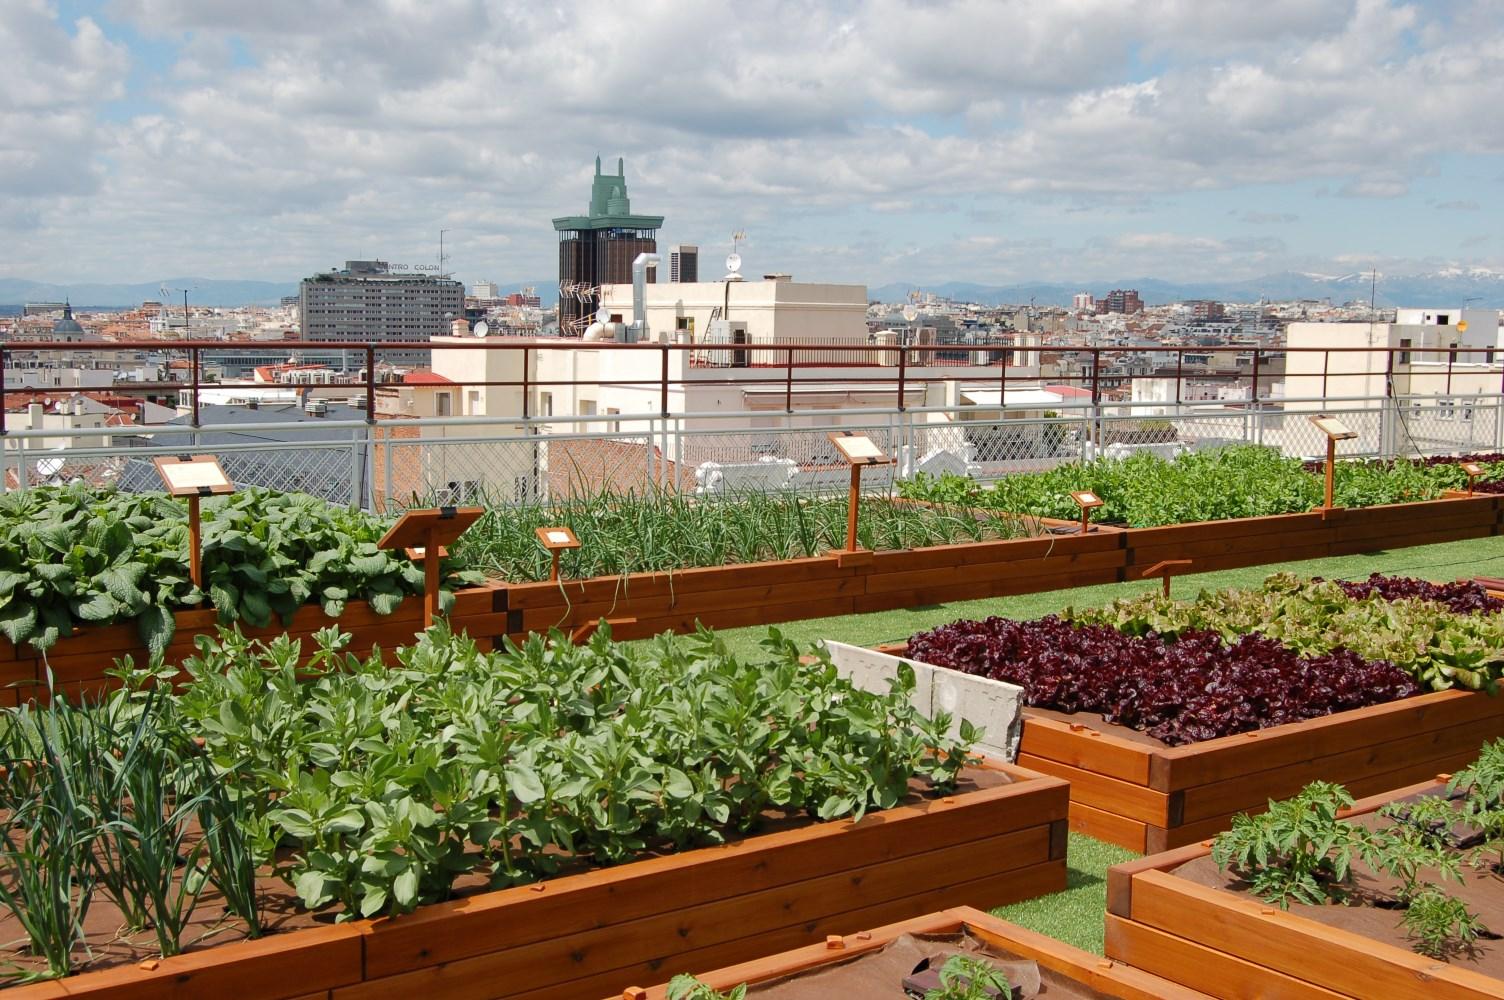 Городское садоводство и огородничество: Общественная палата РФ предложила разработку специальной программы для горожан